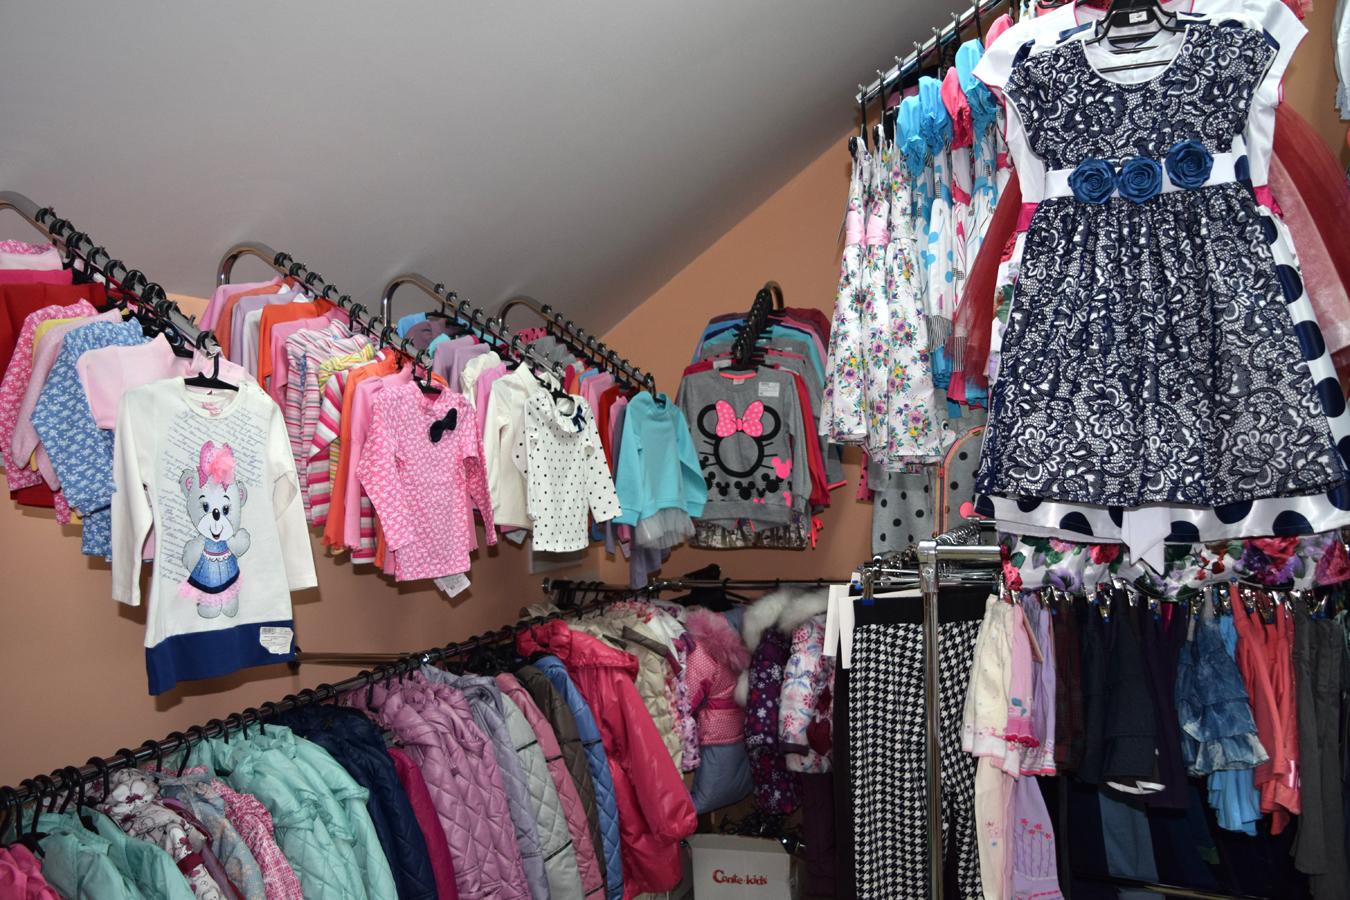 Считаю что выгодное дело, так как детская одежда это очень ходовой товар.